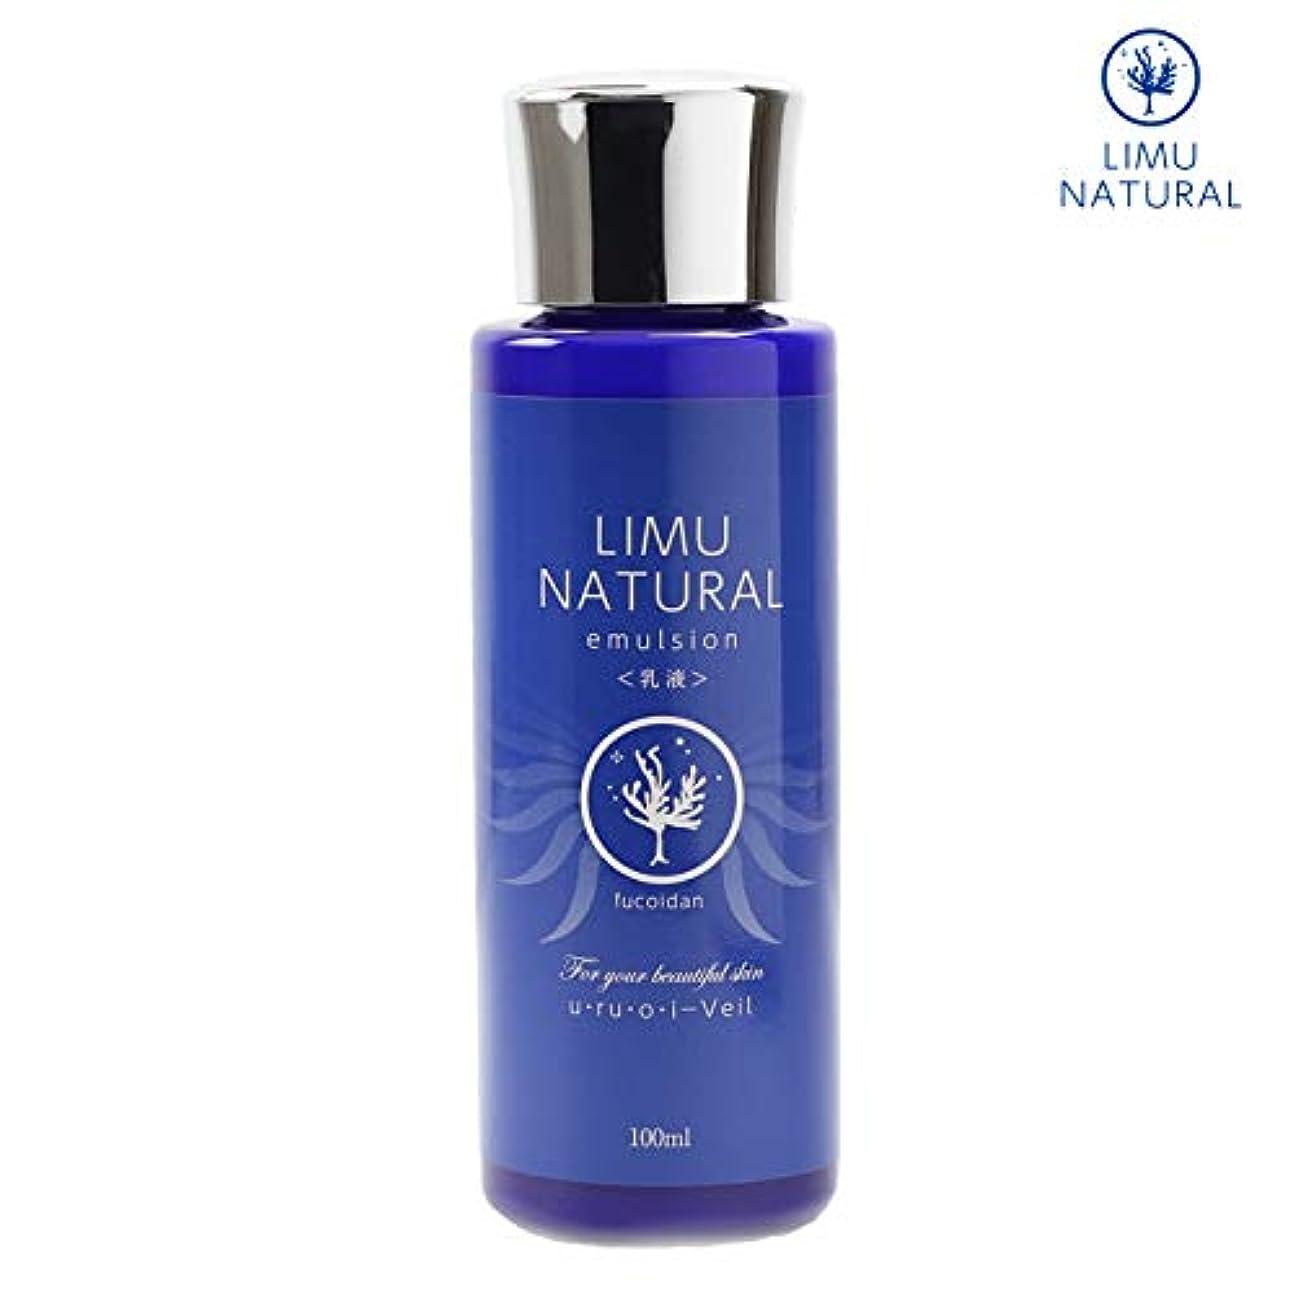 慣れている熱心なシロクマリムナチュラル 乳液 LIMU NATURAL EMULSION (100ml) 海の恵「フコイダン」と大地の恵「グリセリルグルコシド」を贅沢に配合